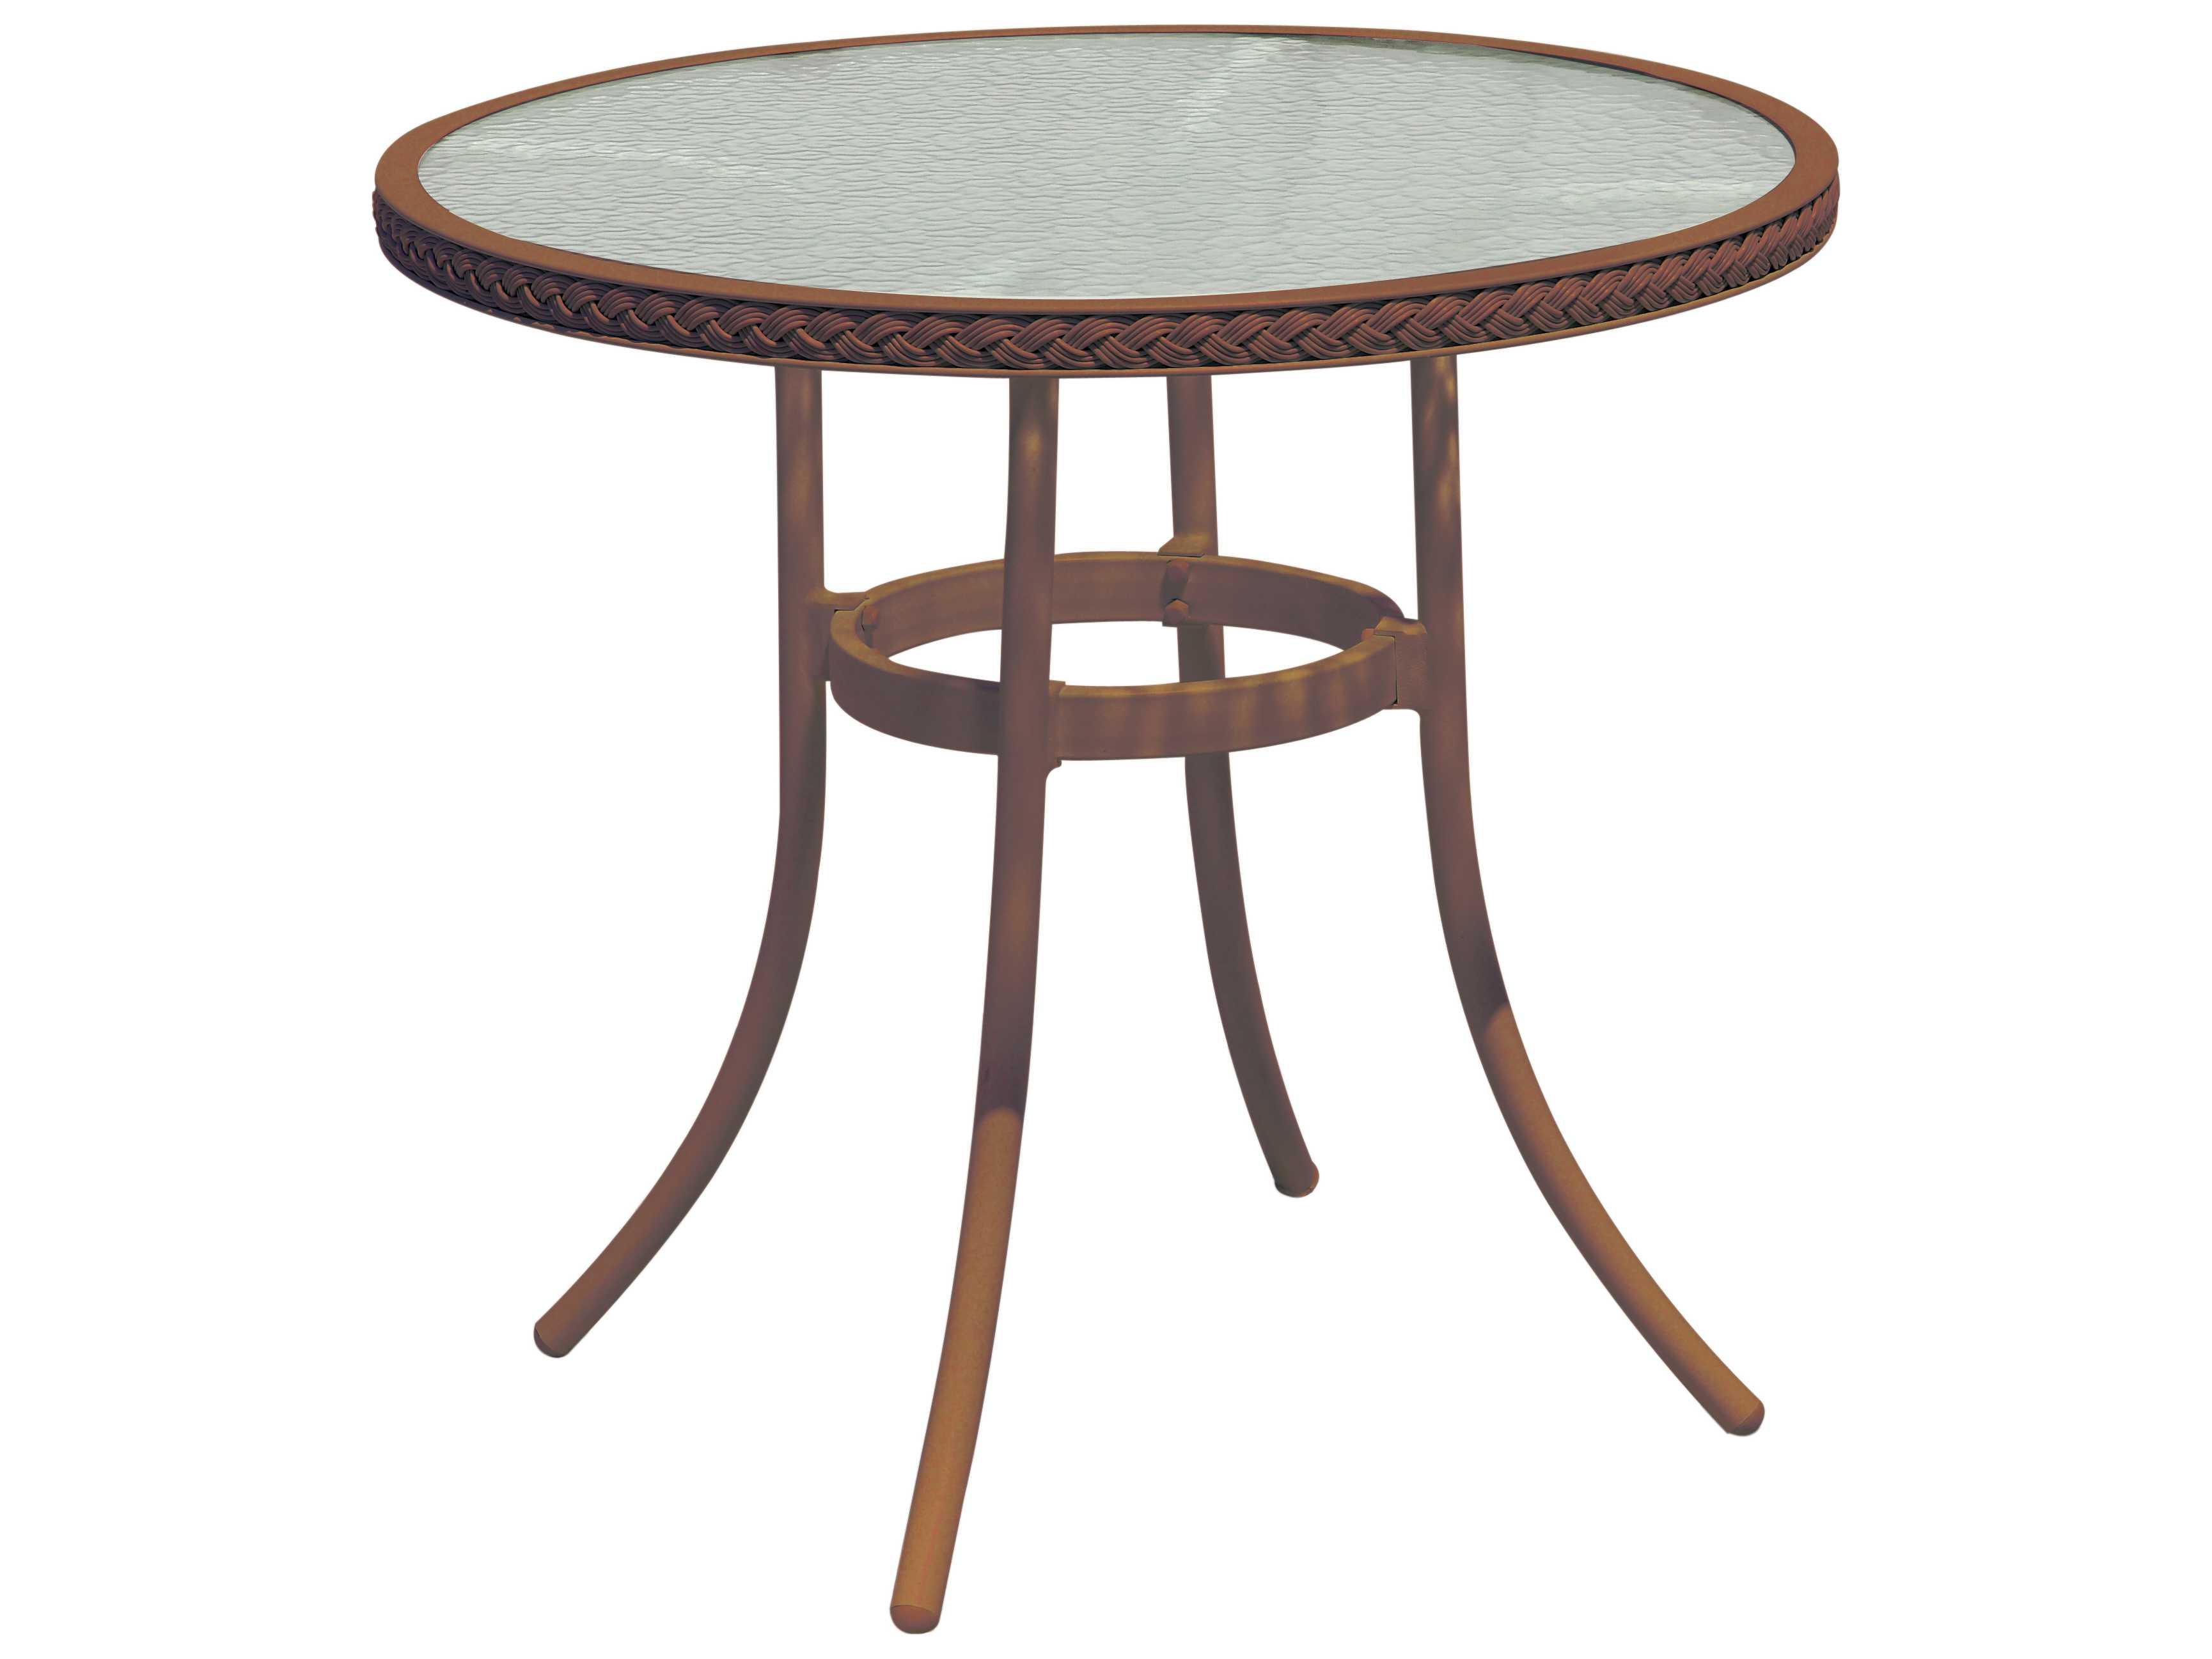 Suncoast Kona Wicker 30 Round Glass Bistro Table 123 T30